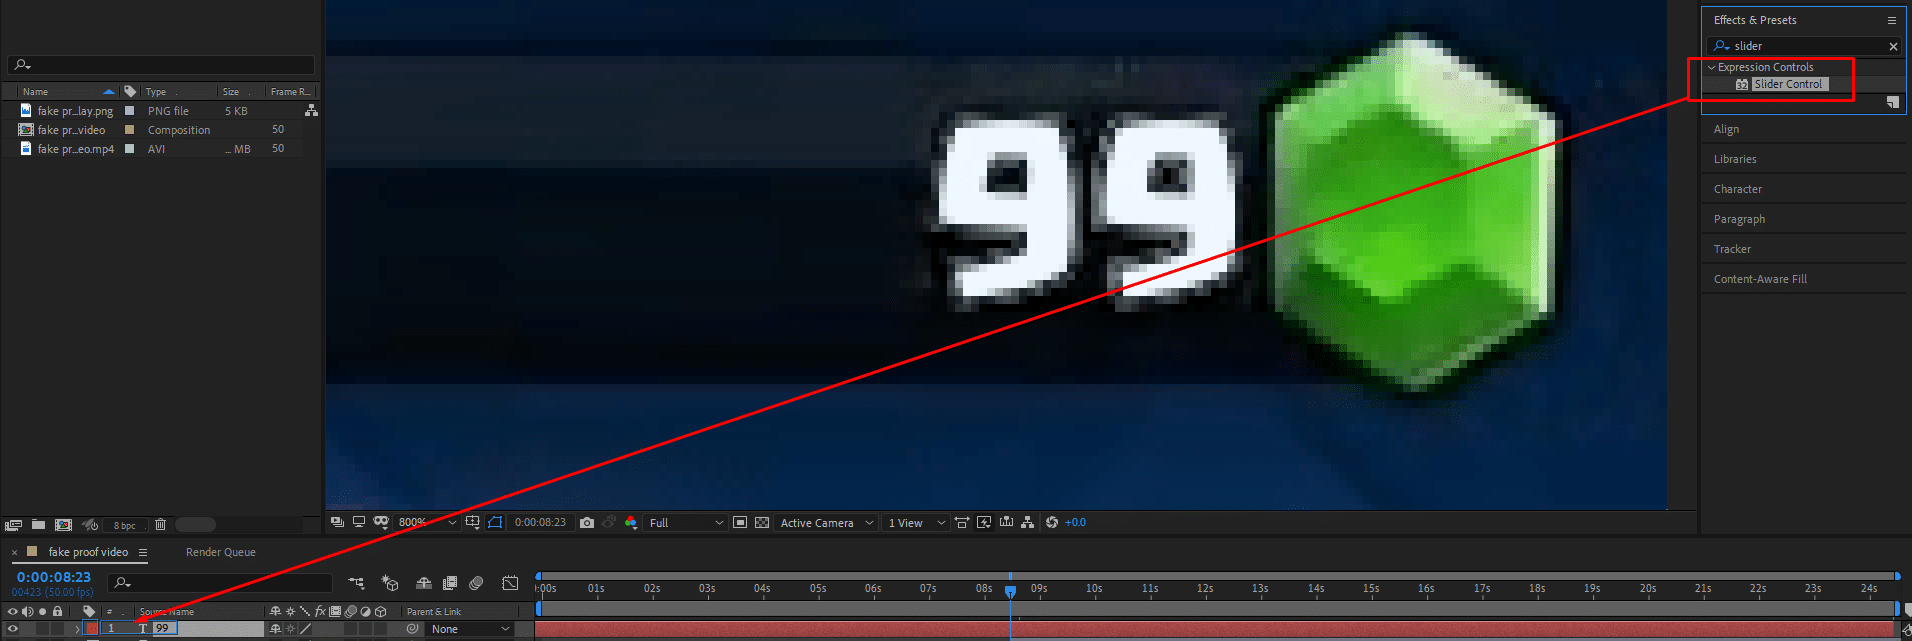 drag slider control effect